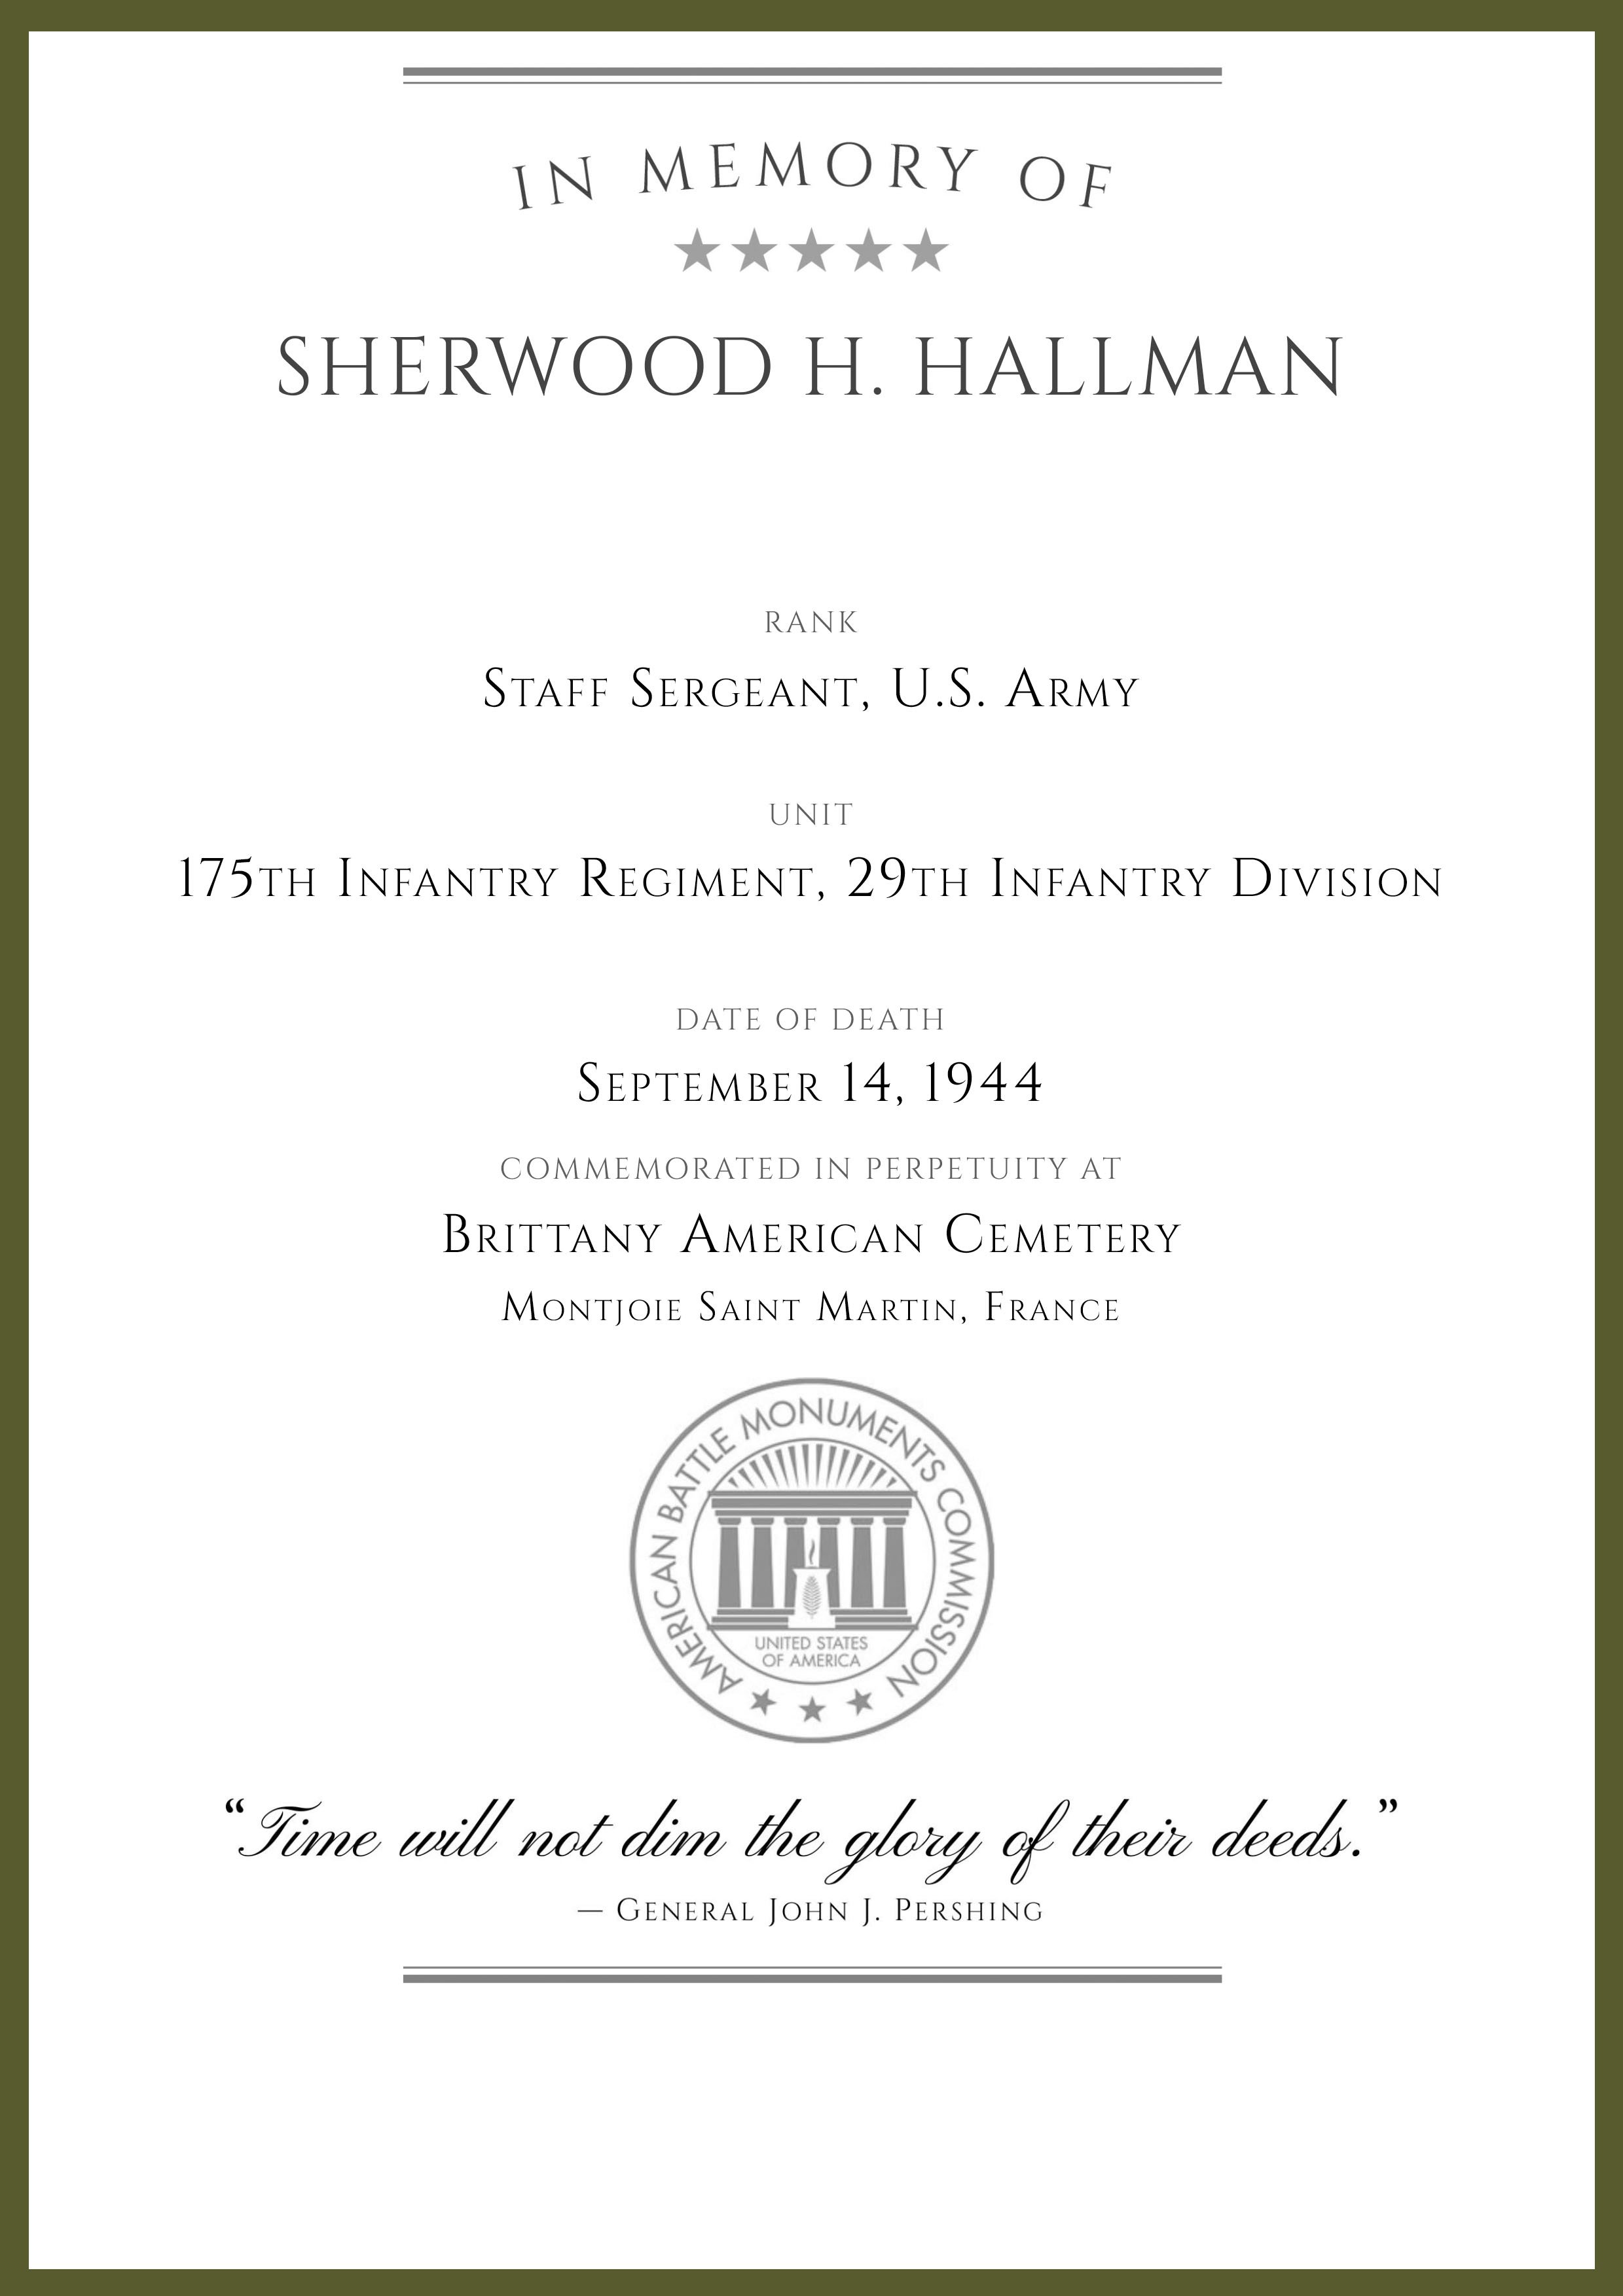 ABMC War Dead Certificate Sergeant Hallman-1